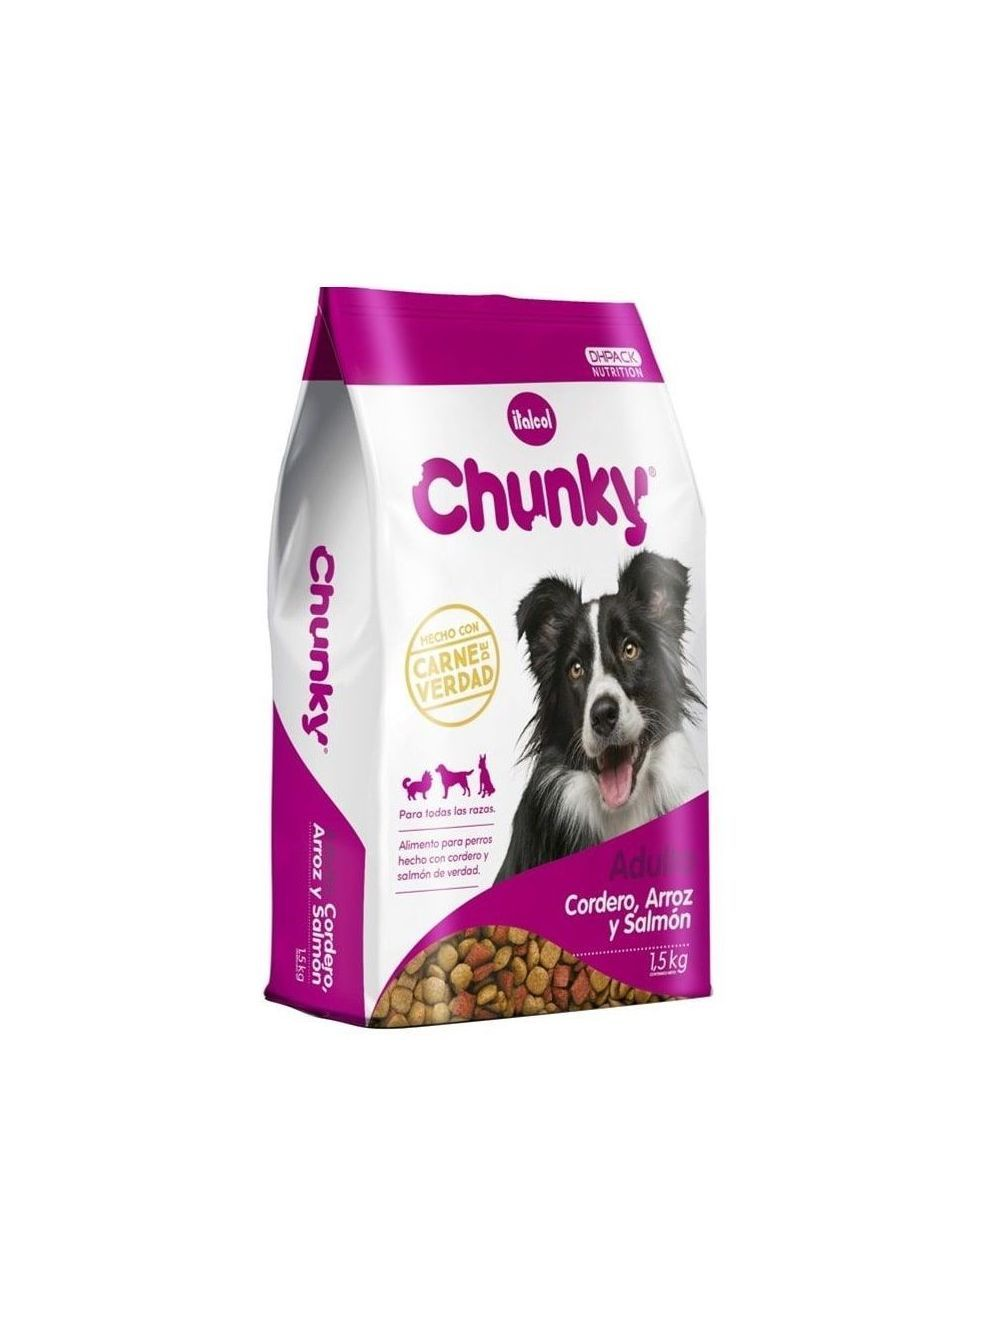 Chunky cordero arroz y salmón 12 KG